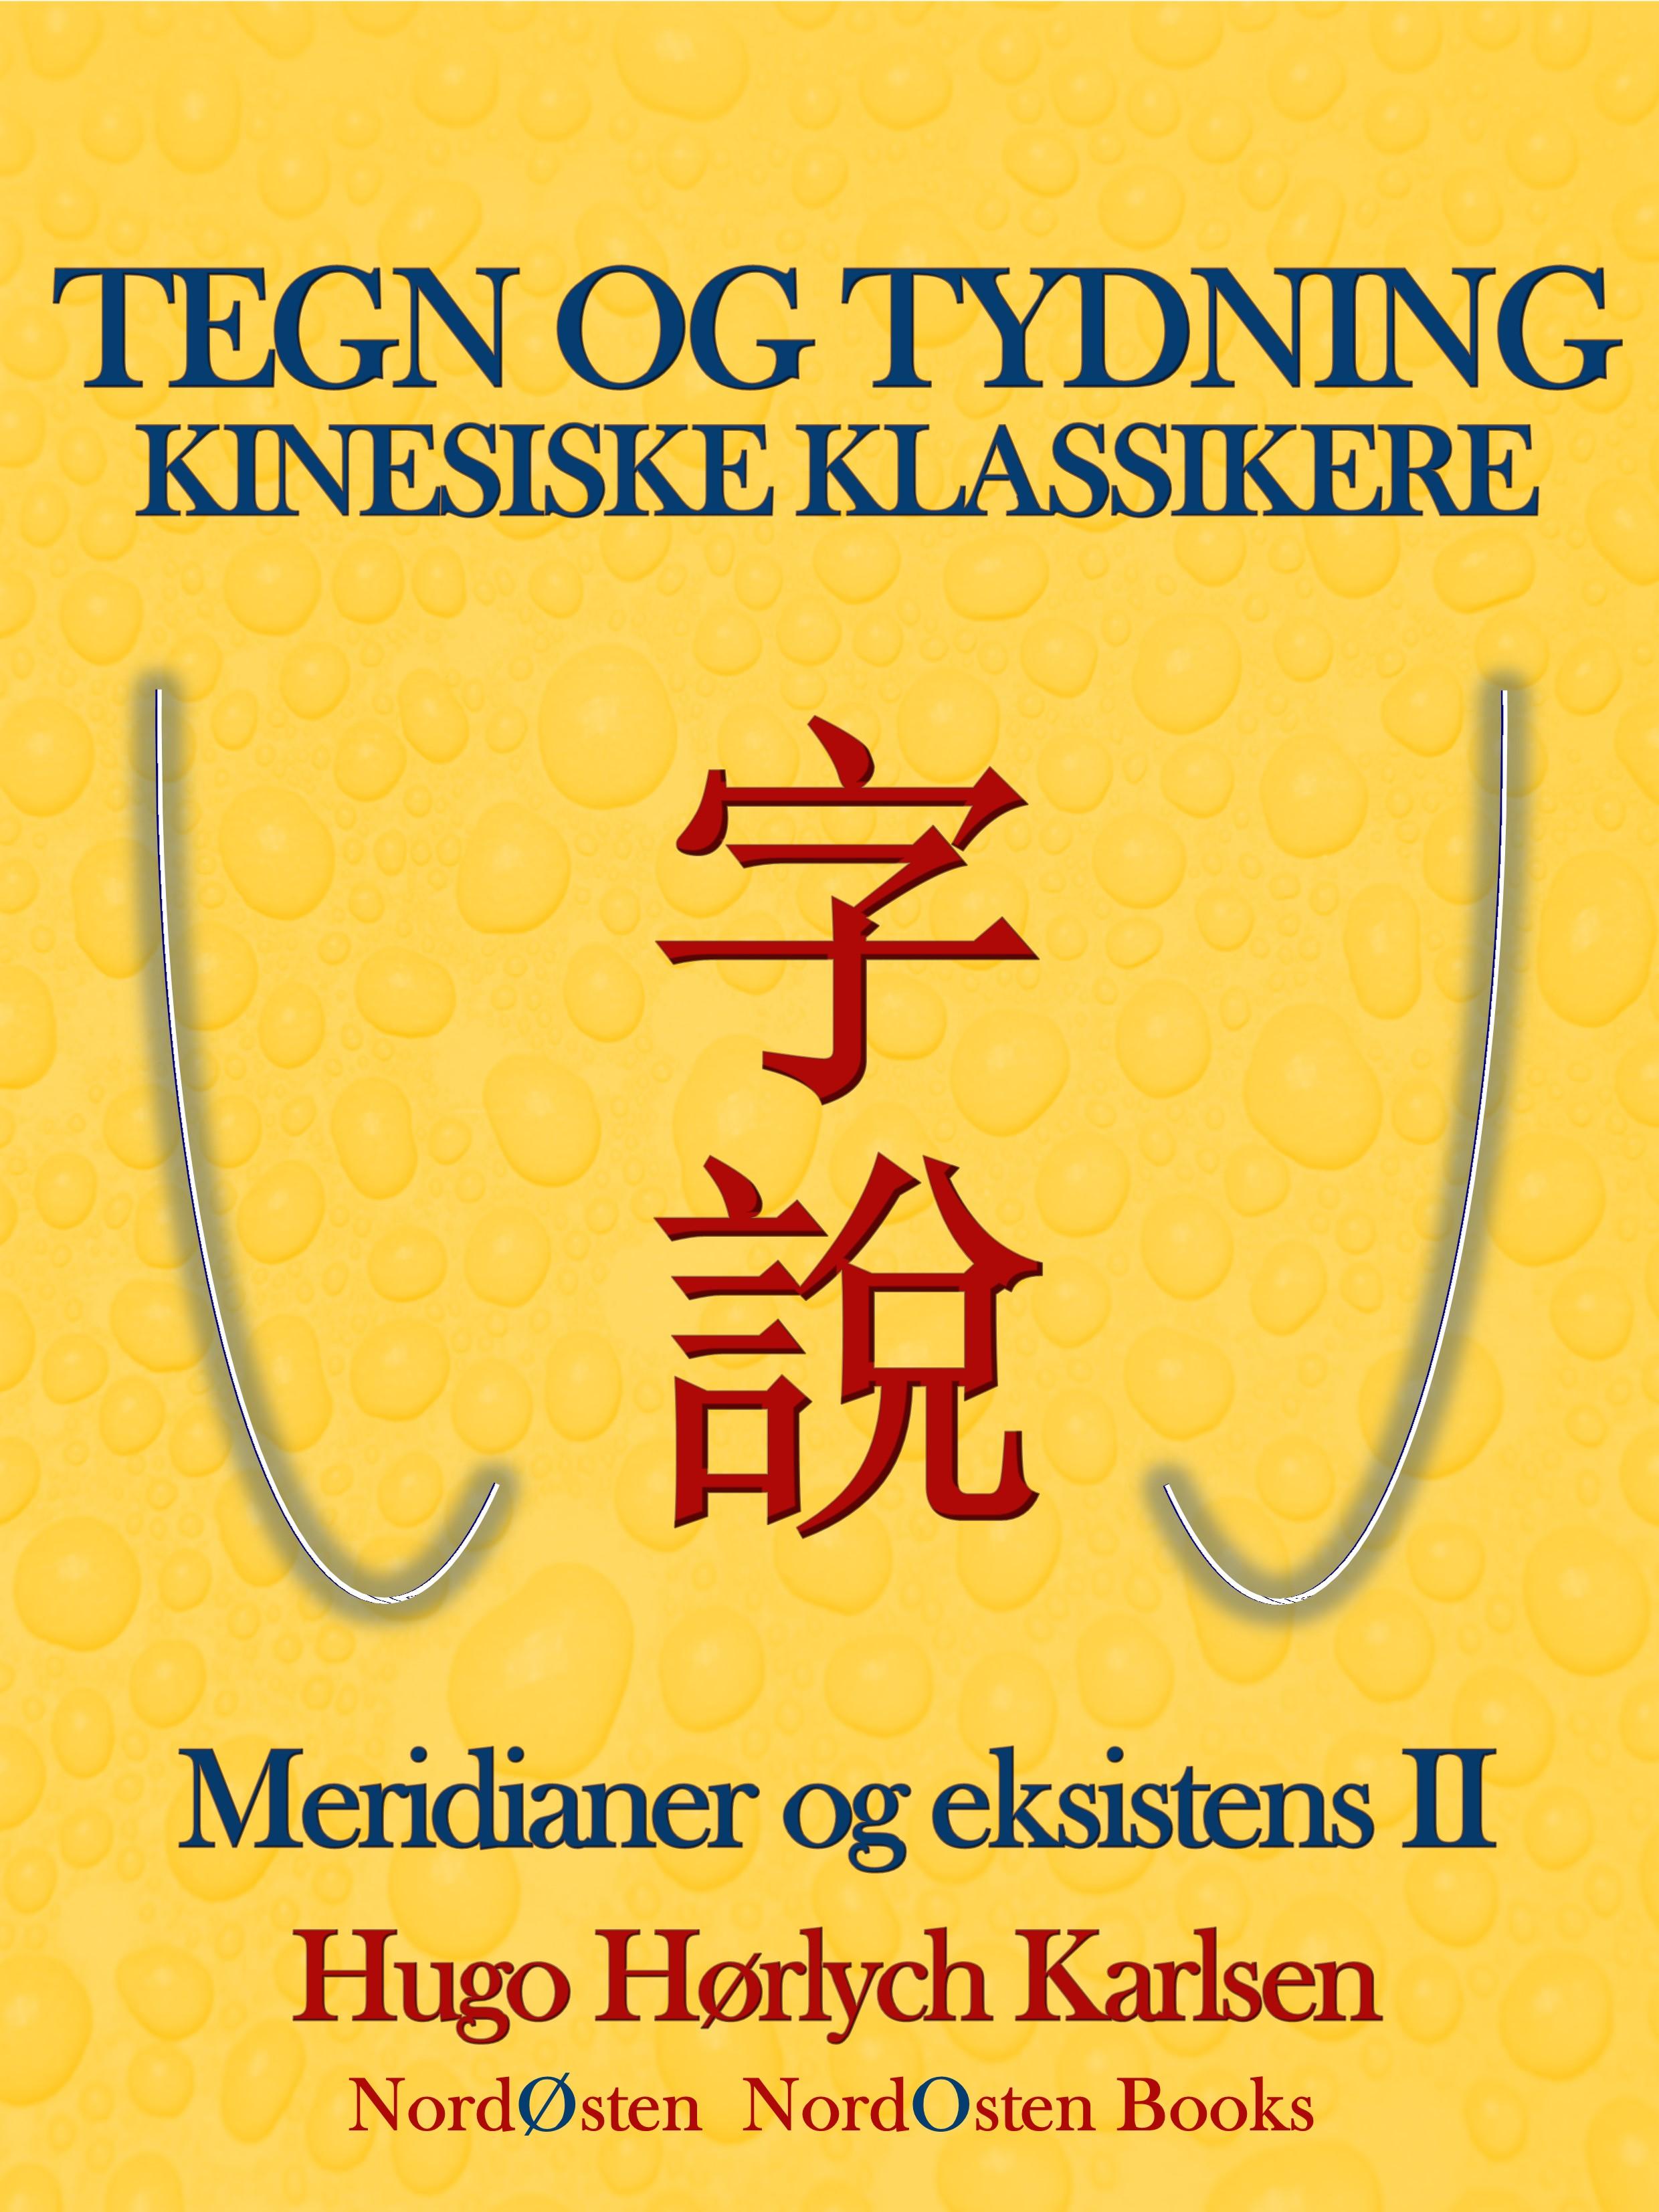 Tegn og tydning. kinesiske klassikere - e-bog fra N/A fra bog & mystik